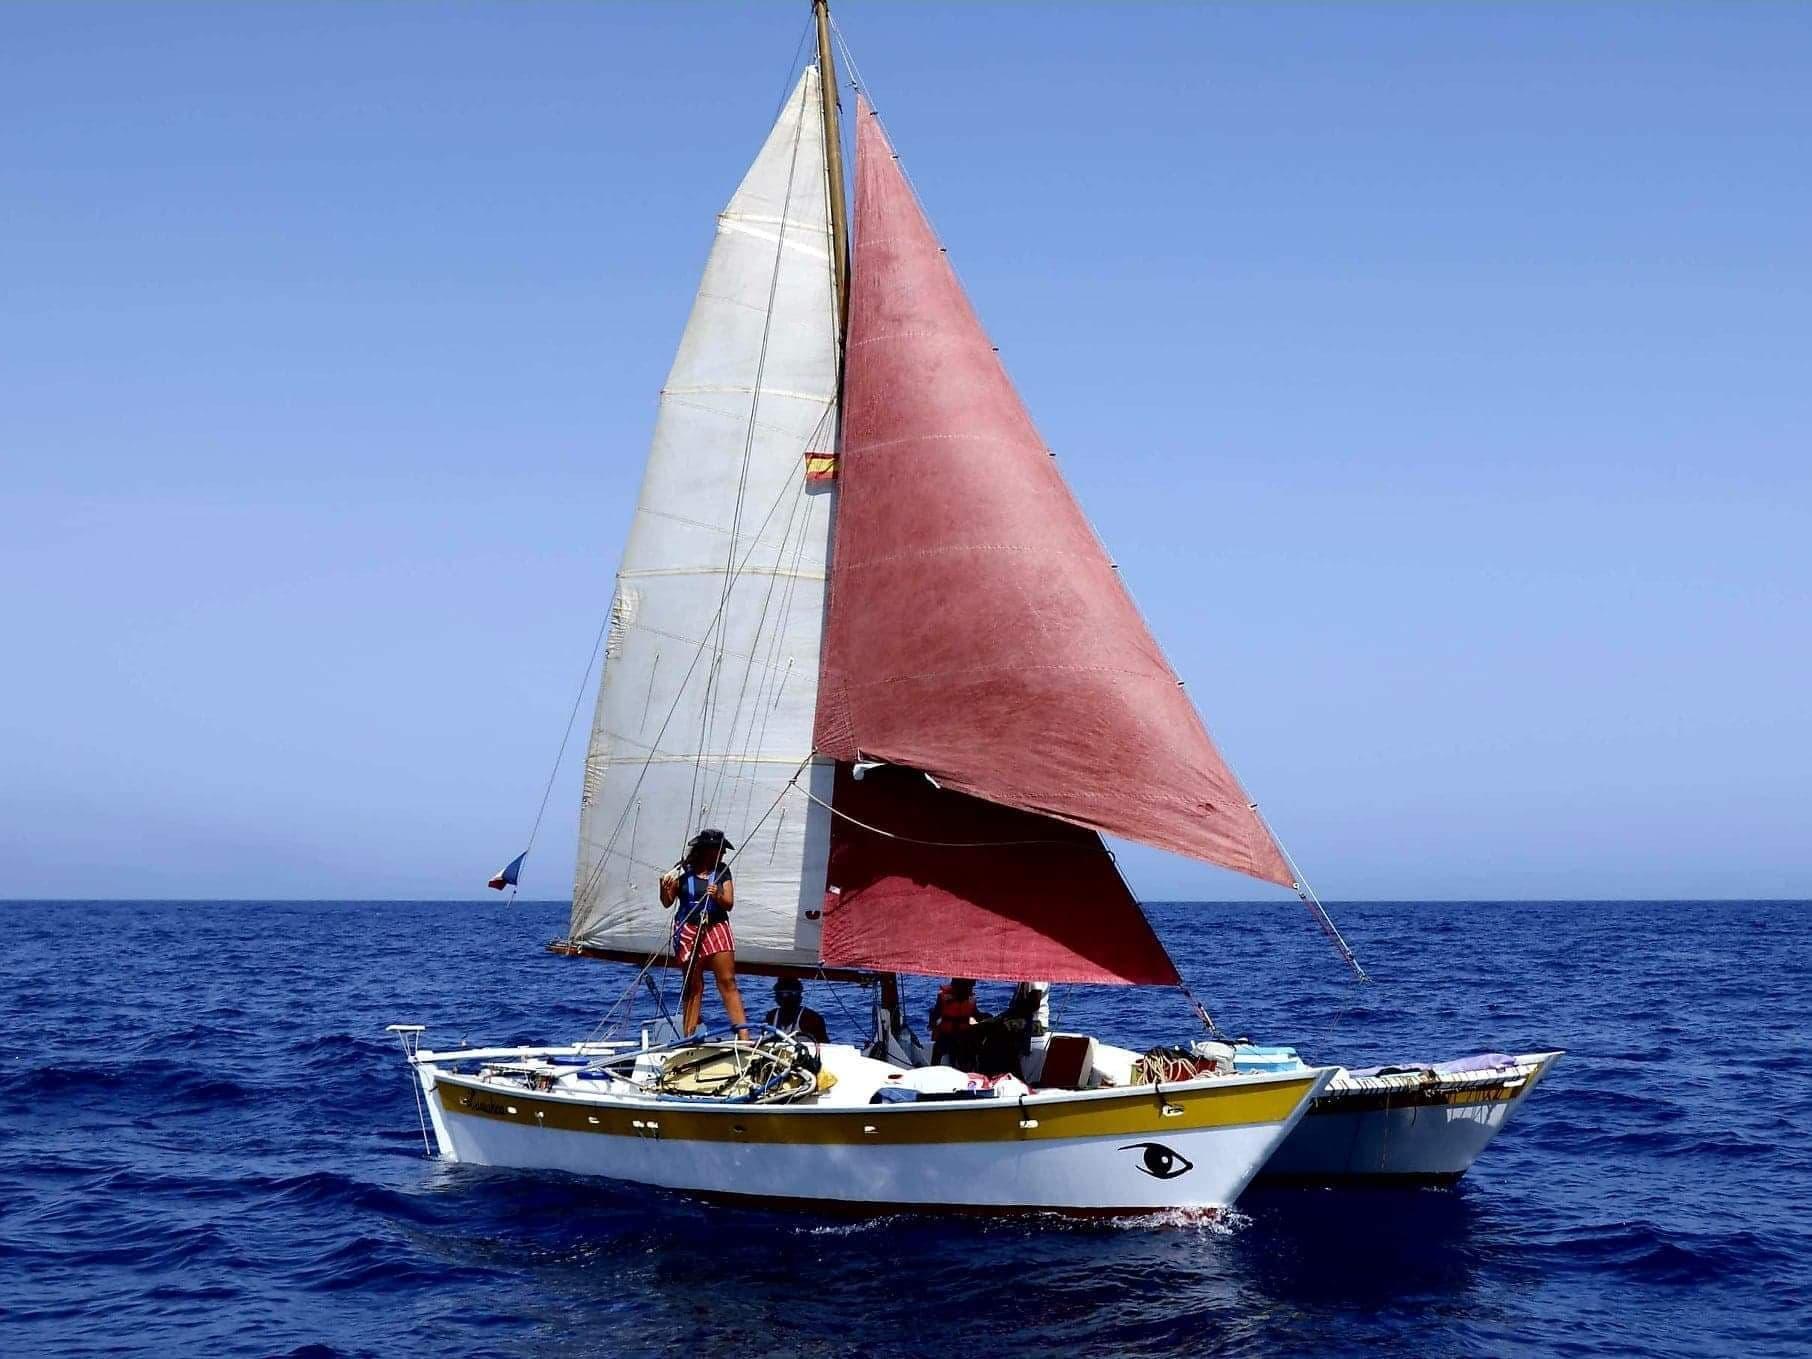 Nicolas et Nathalie voyag sur sur un bateau depuis mai 2020 avec leurs 2 enfants de 12 et 4 ans. Ils voyagent avec l'essentiel de la viel